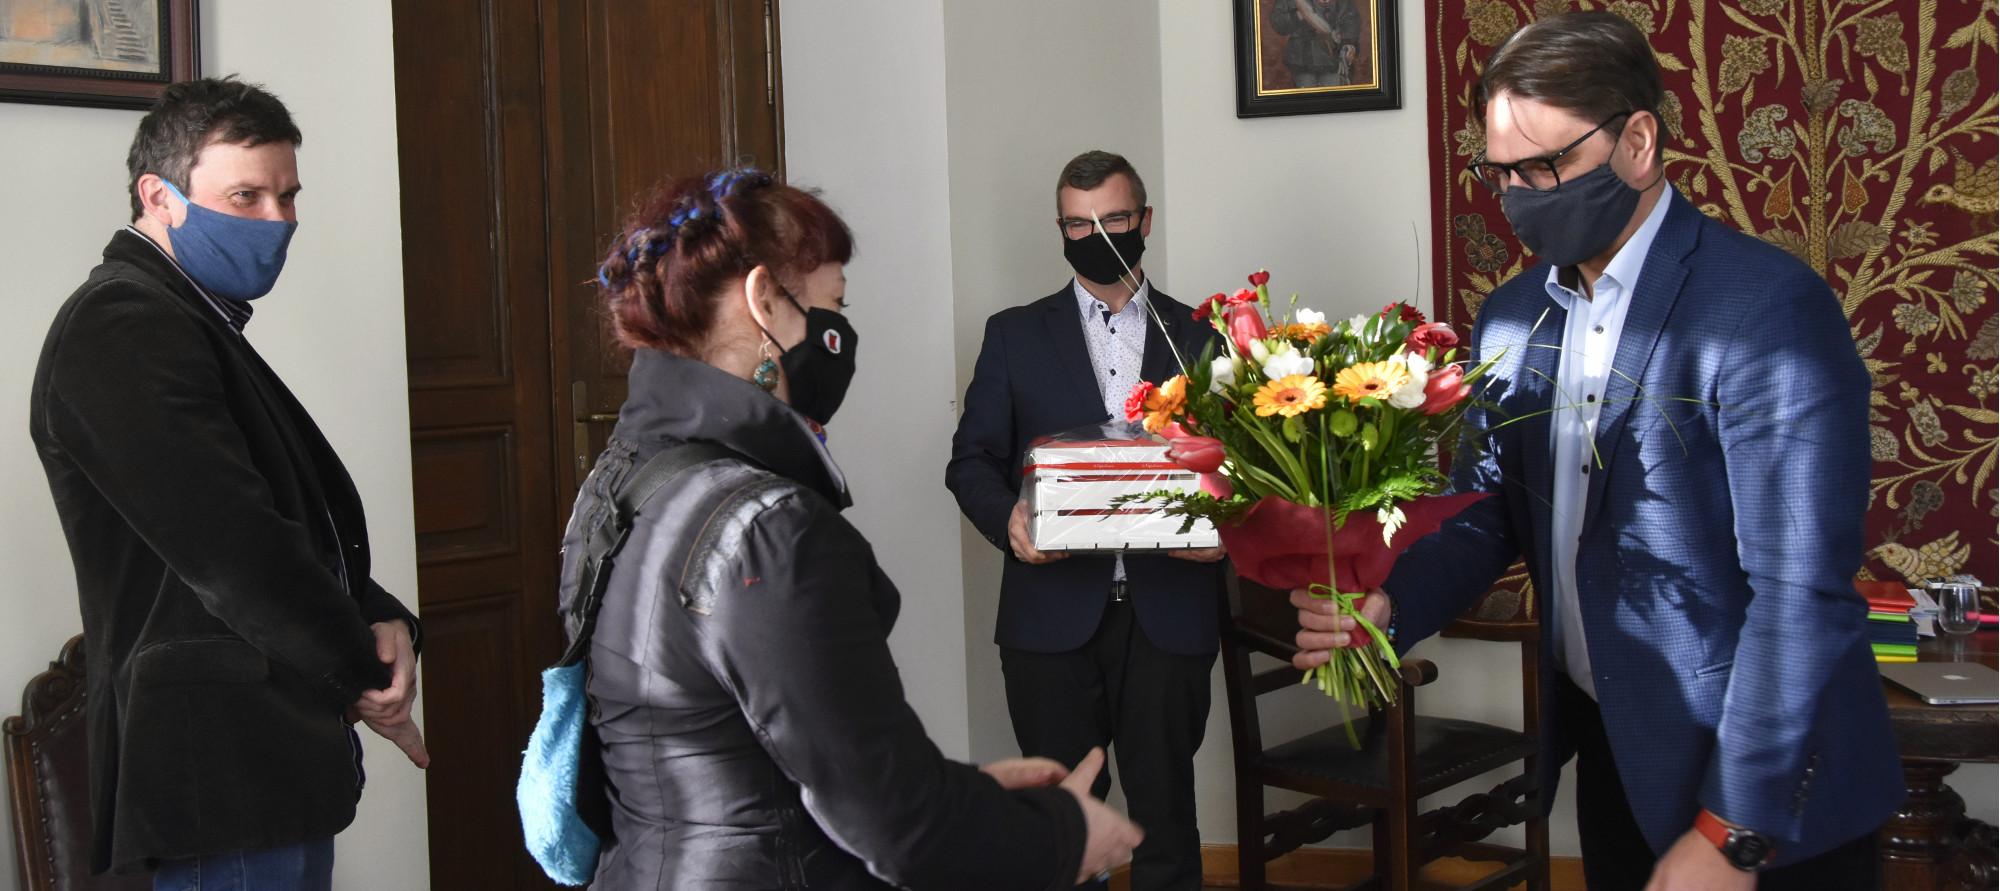 Burmistrz Roman Ptak wręcza kwiaty autorce muralu